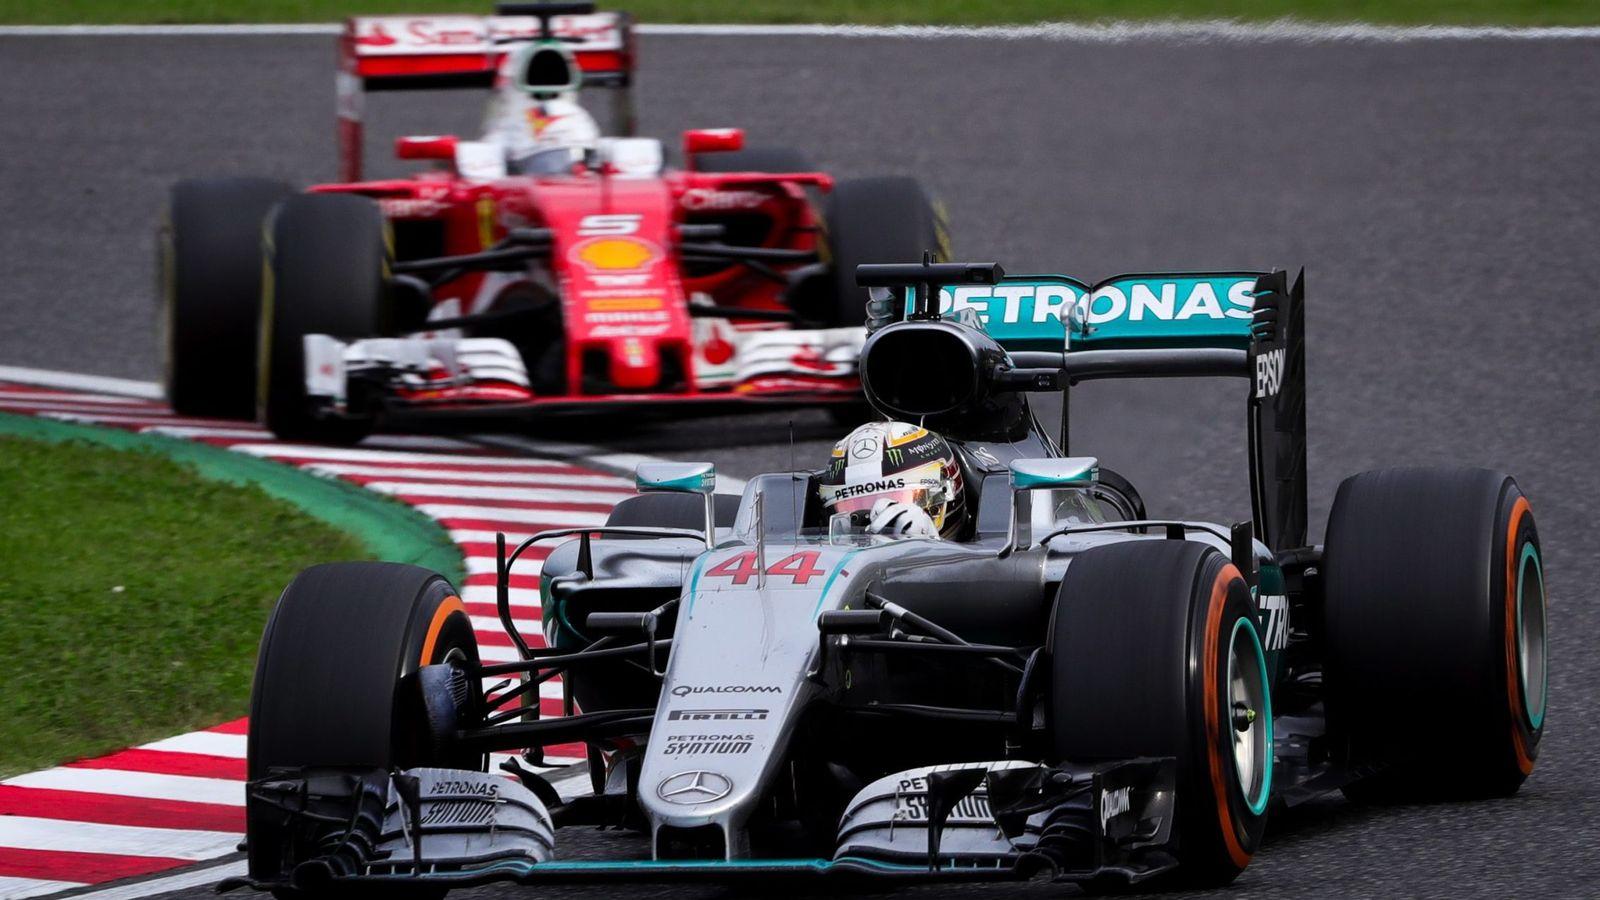 Foto: Lewis Hamilton en el pasado gran premio de Japón.